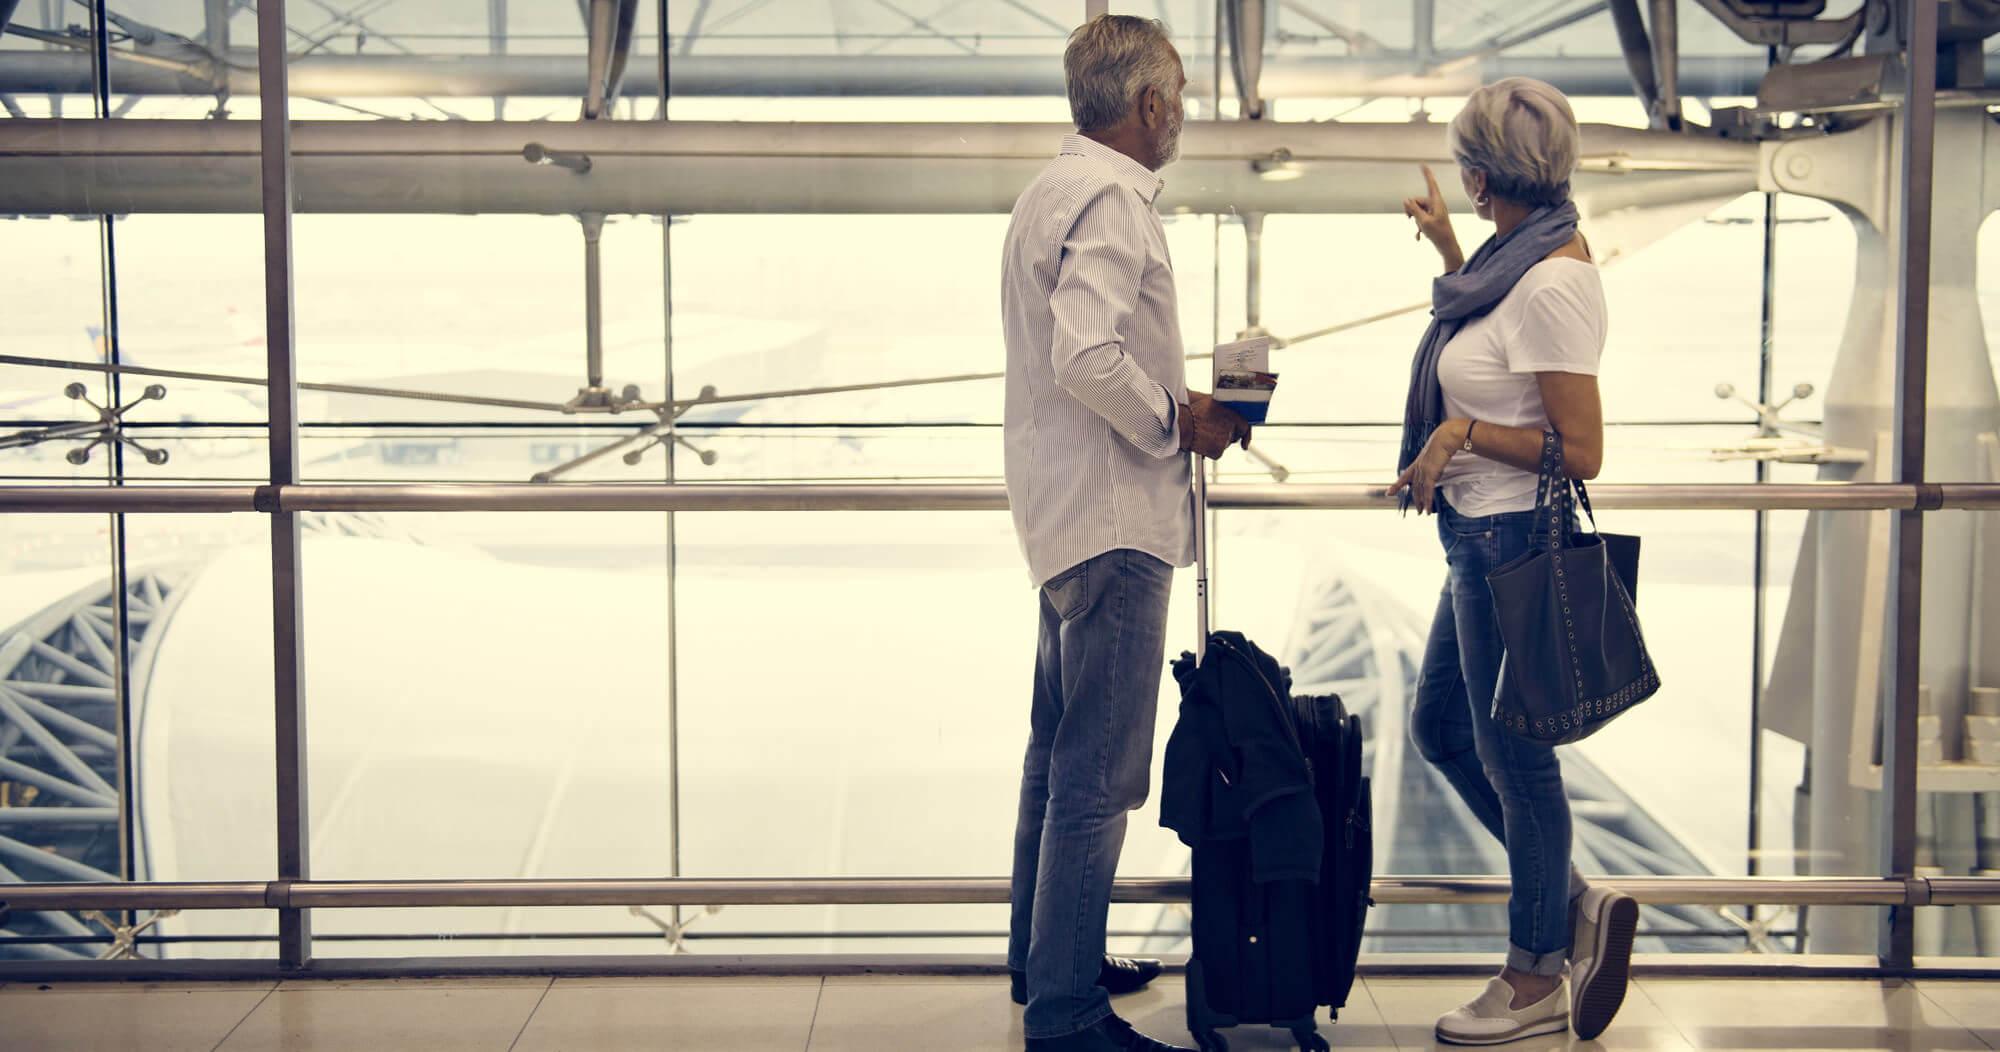 blog-elderly-airport